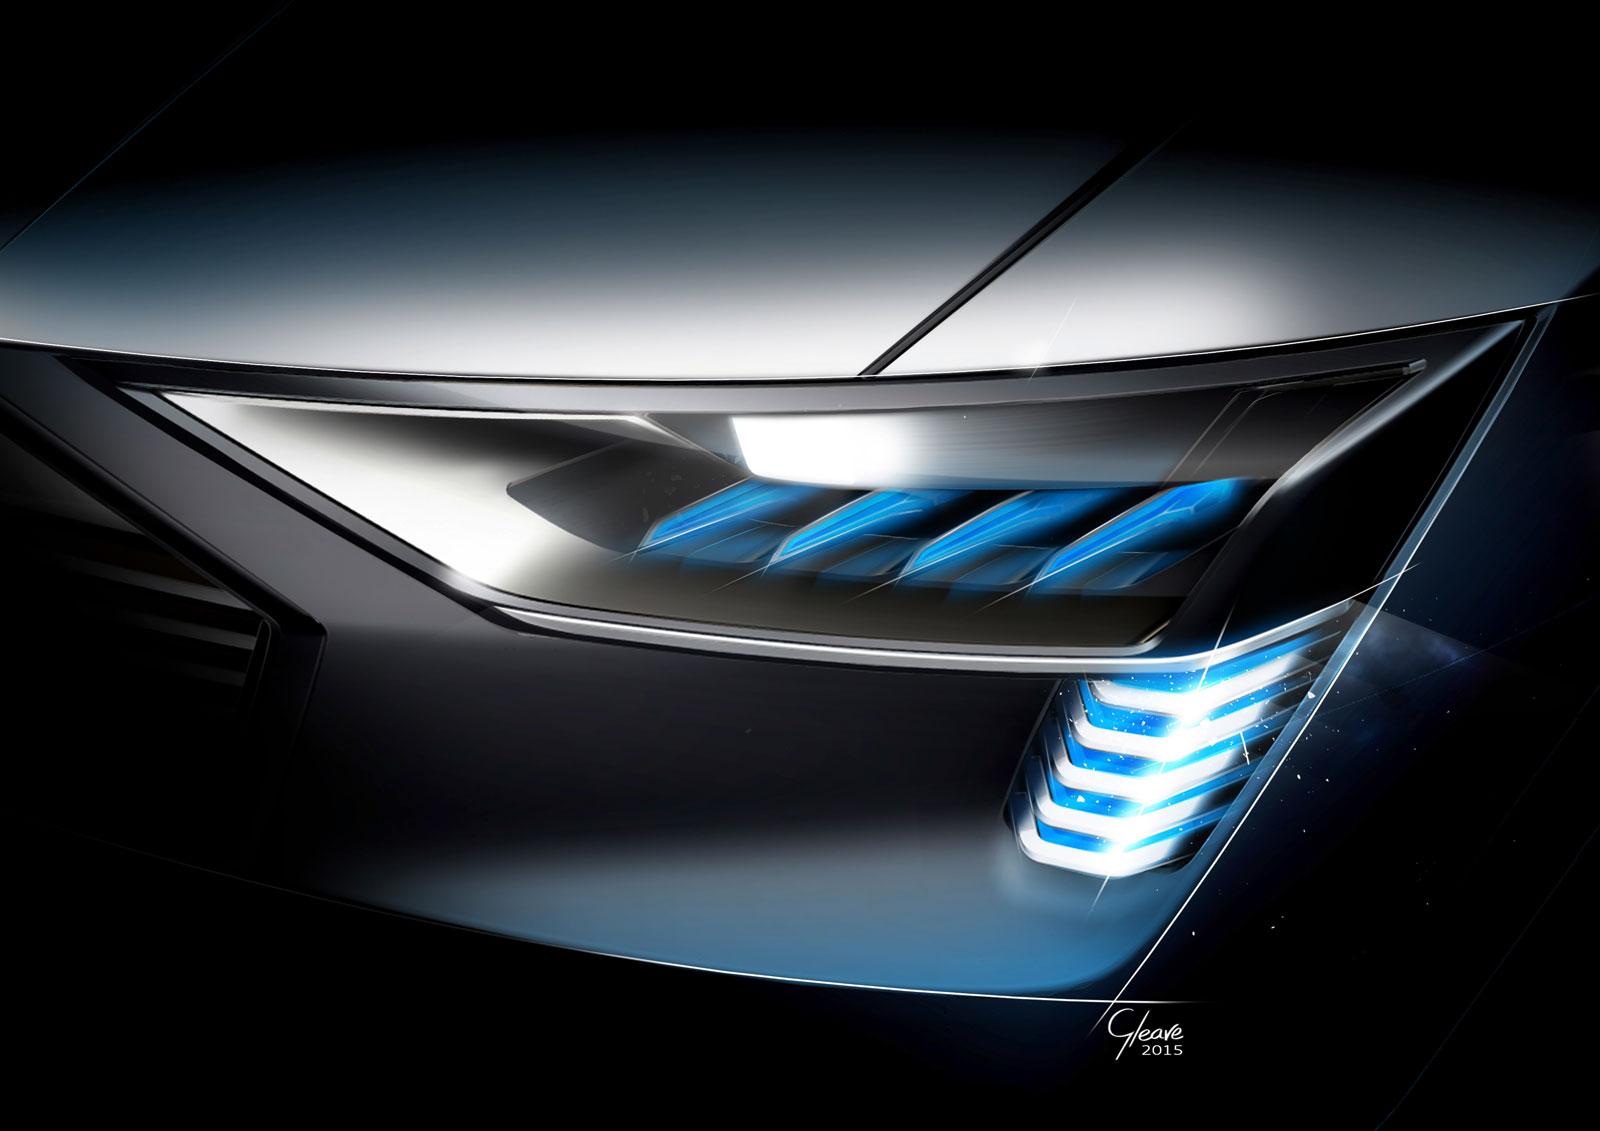 Audi E Tron Quattro Concept Headlight Design Sketch